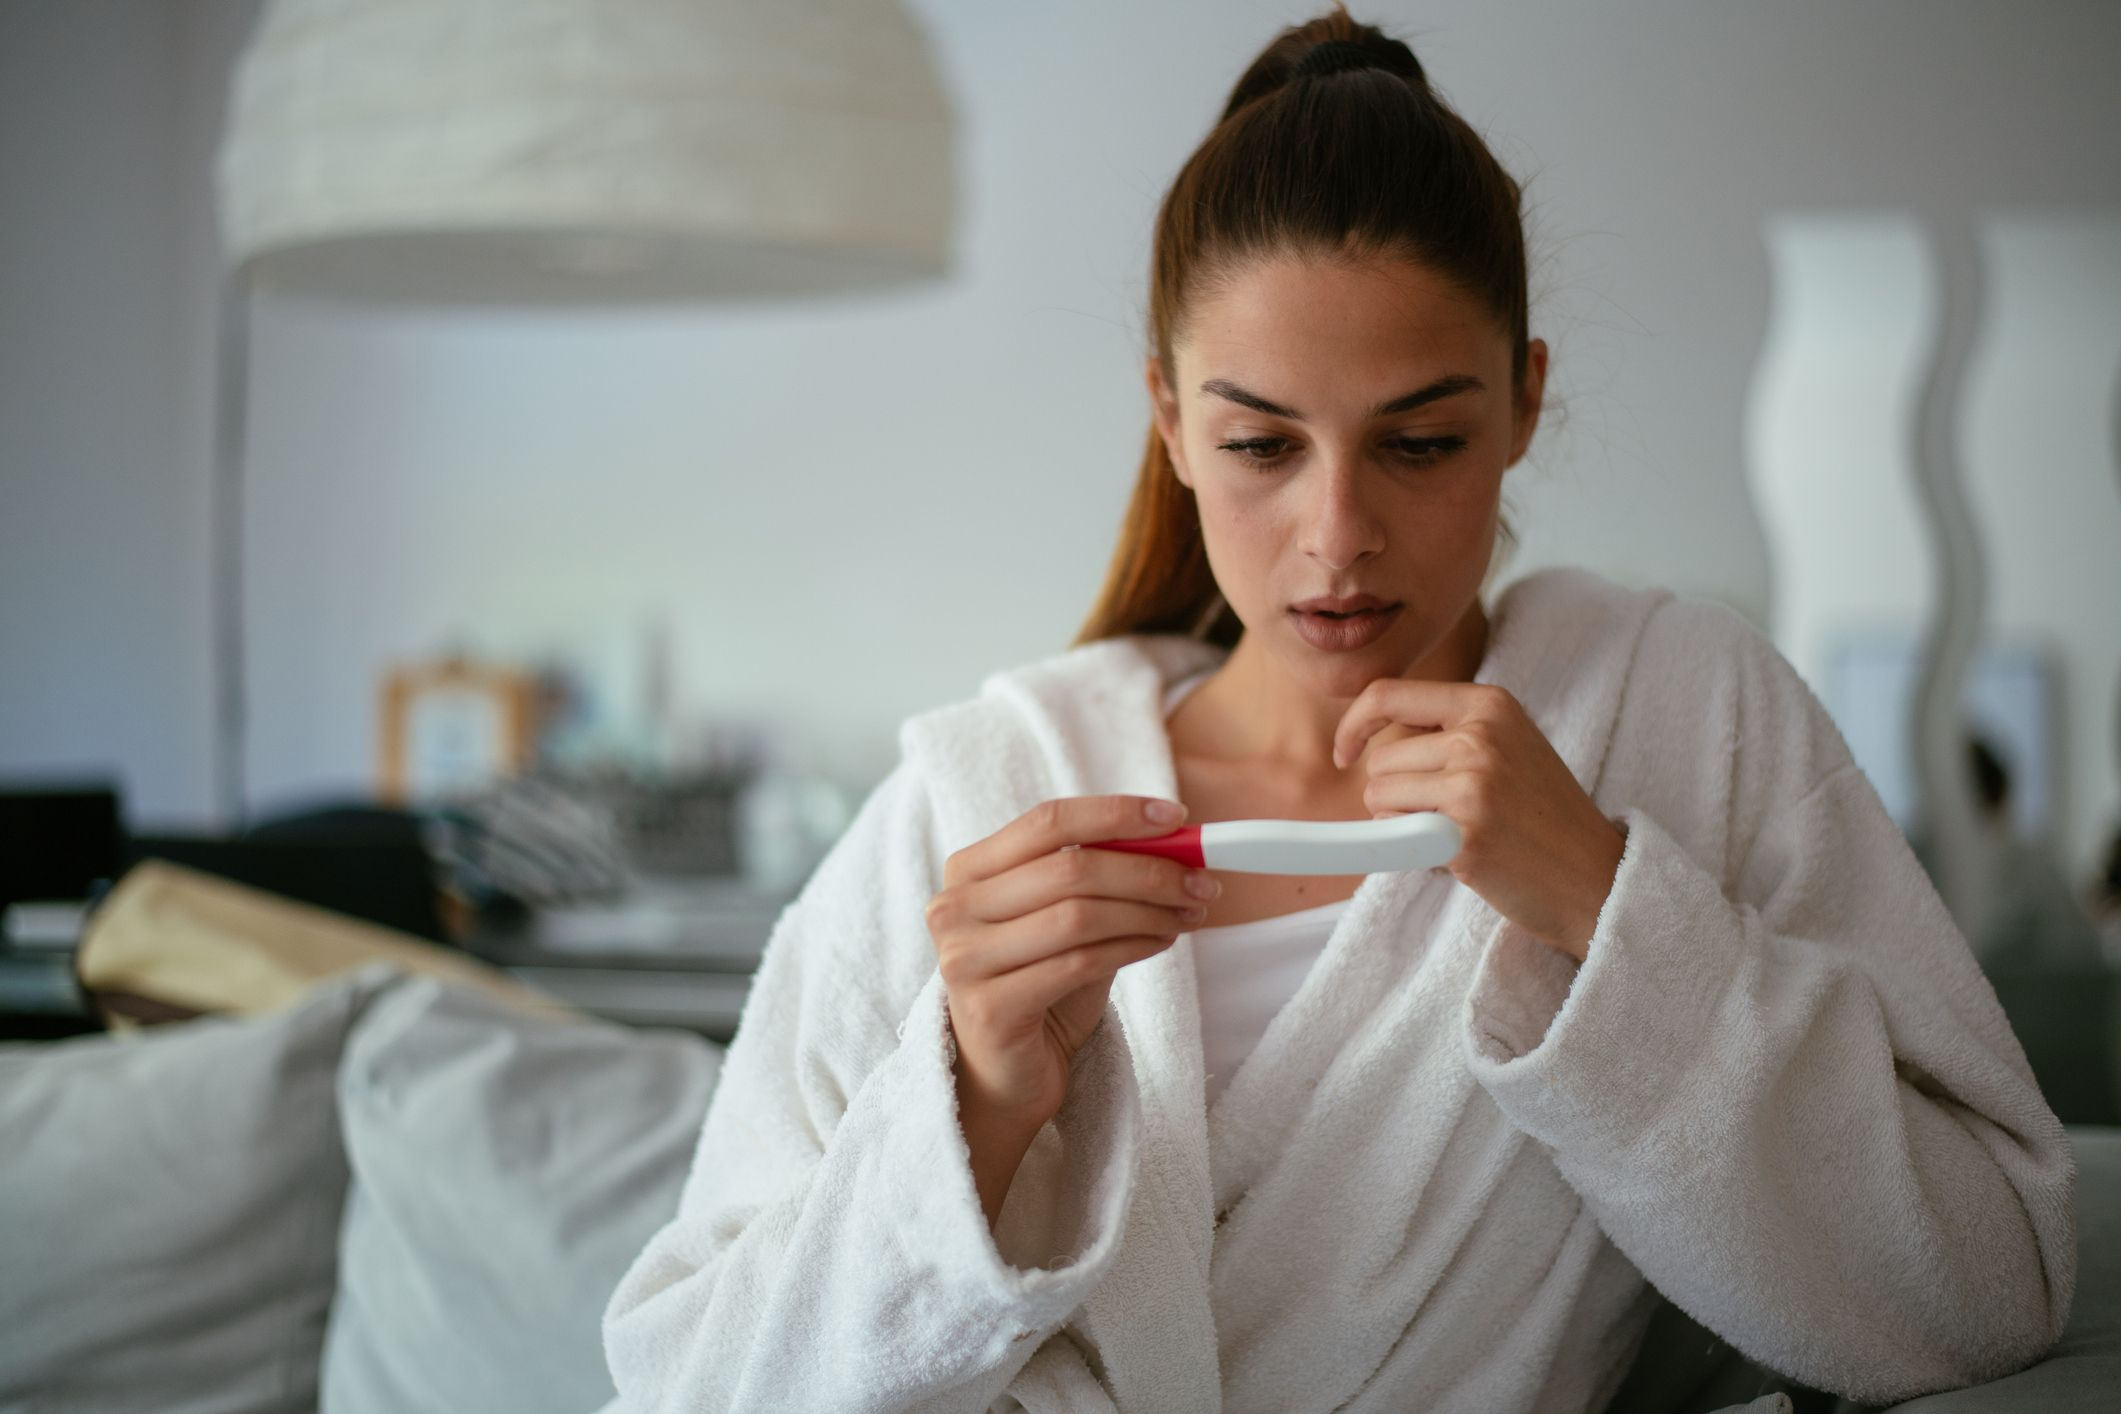 Ben Ik Zwanger Tekenen Die Erop Wijzen Dat Je Misschien Zwanger Bent